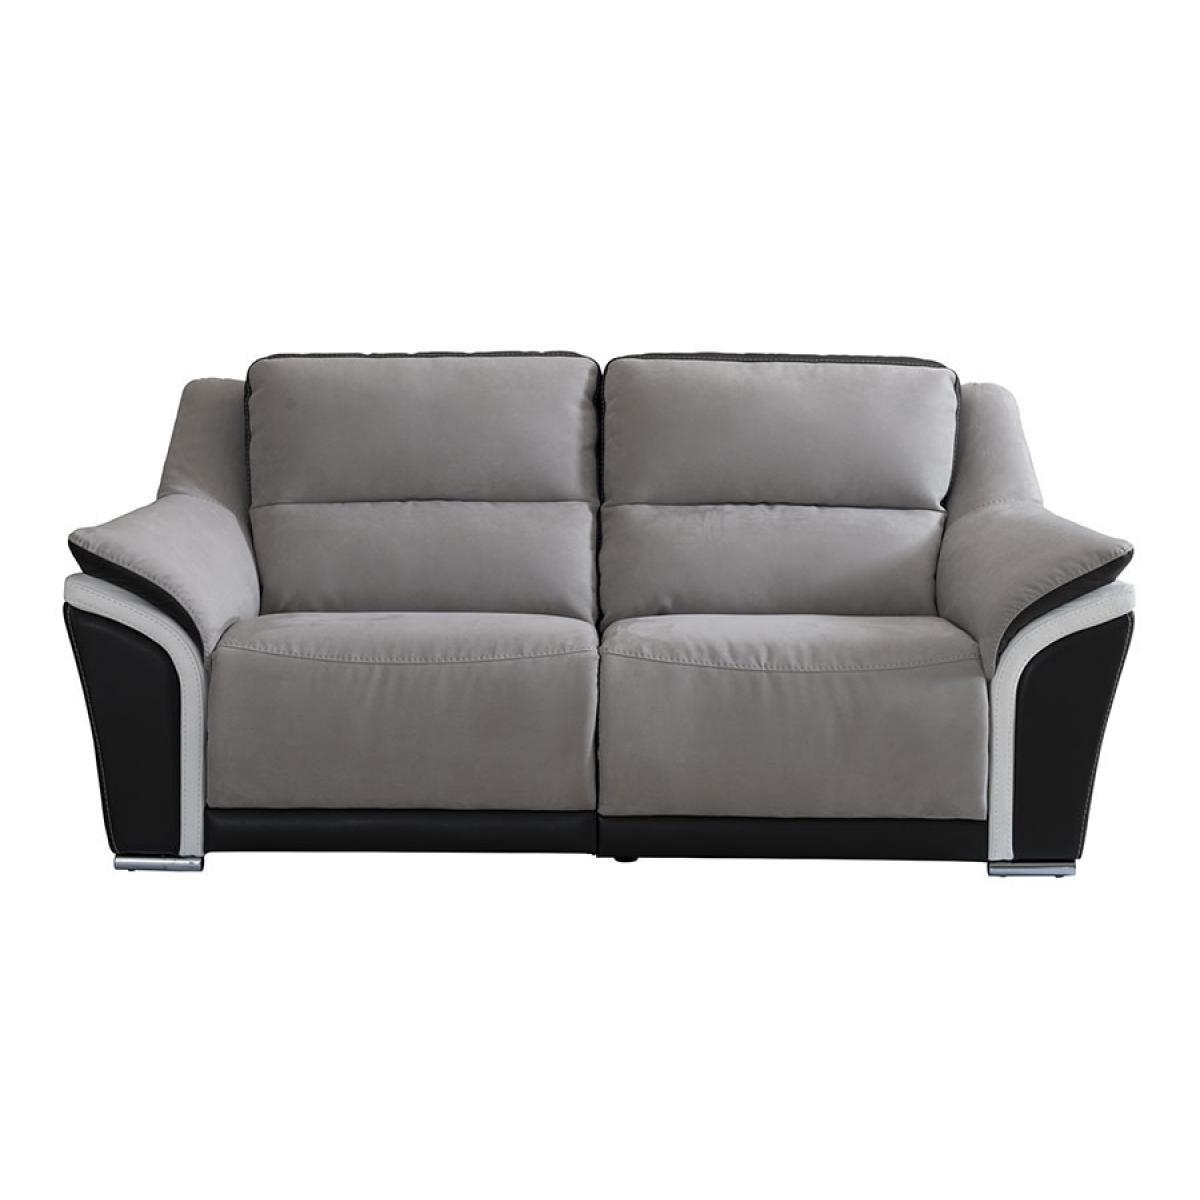 Kasalinea Canapé de relaxation manuel 2 places gris noir et blanc en cuir italien SINATRA